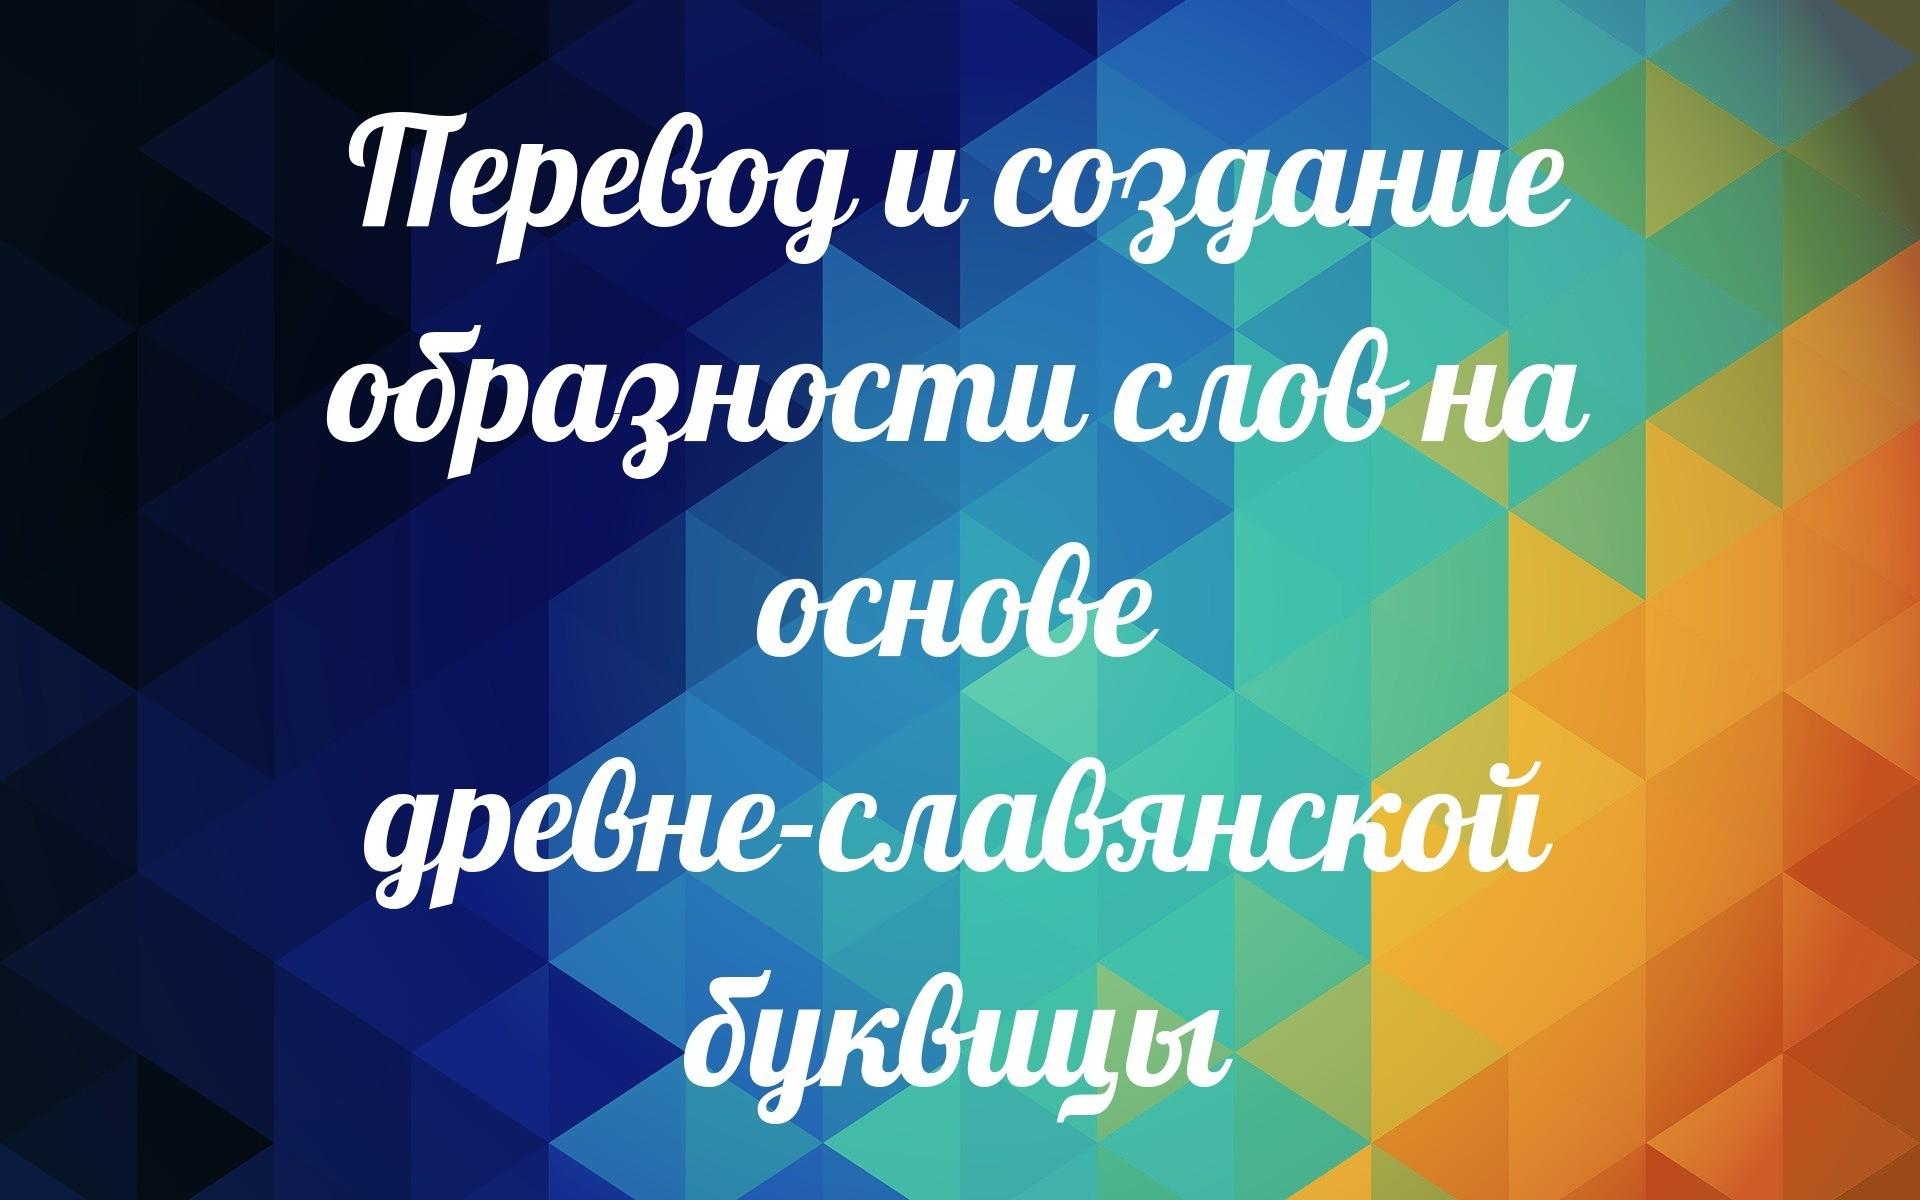 Образность Славянских Слов